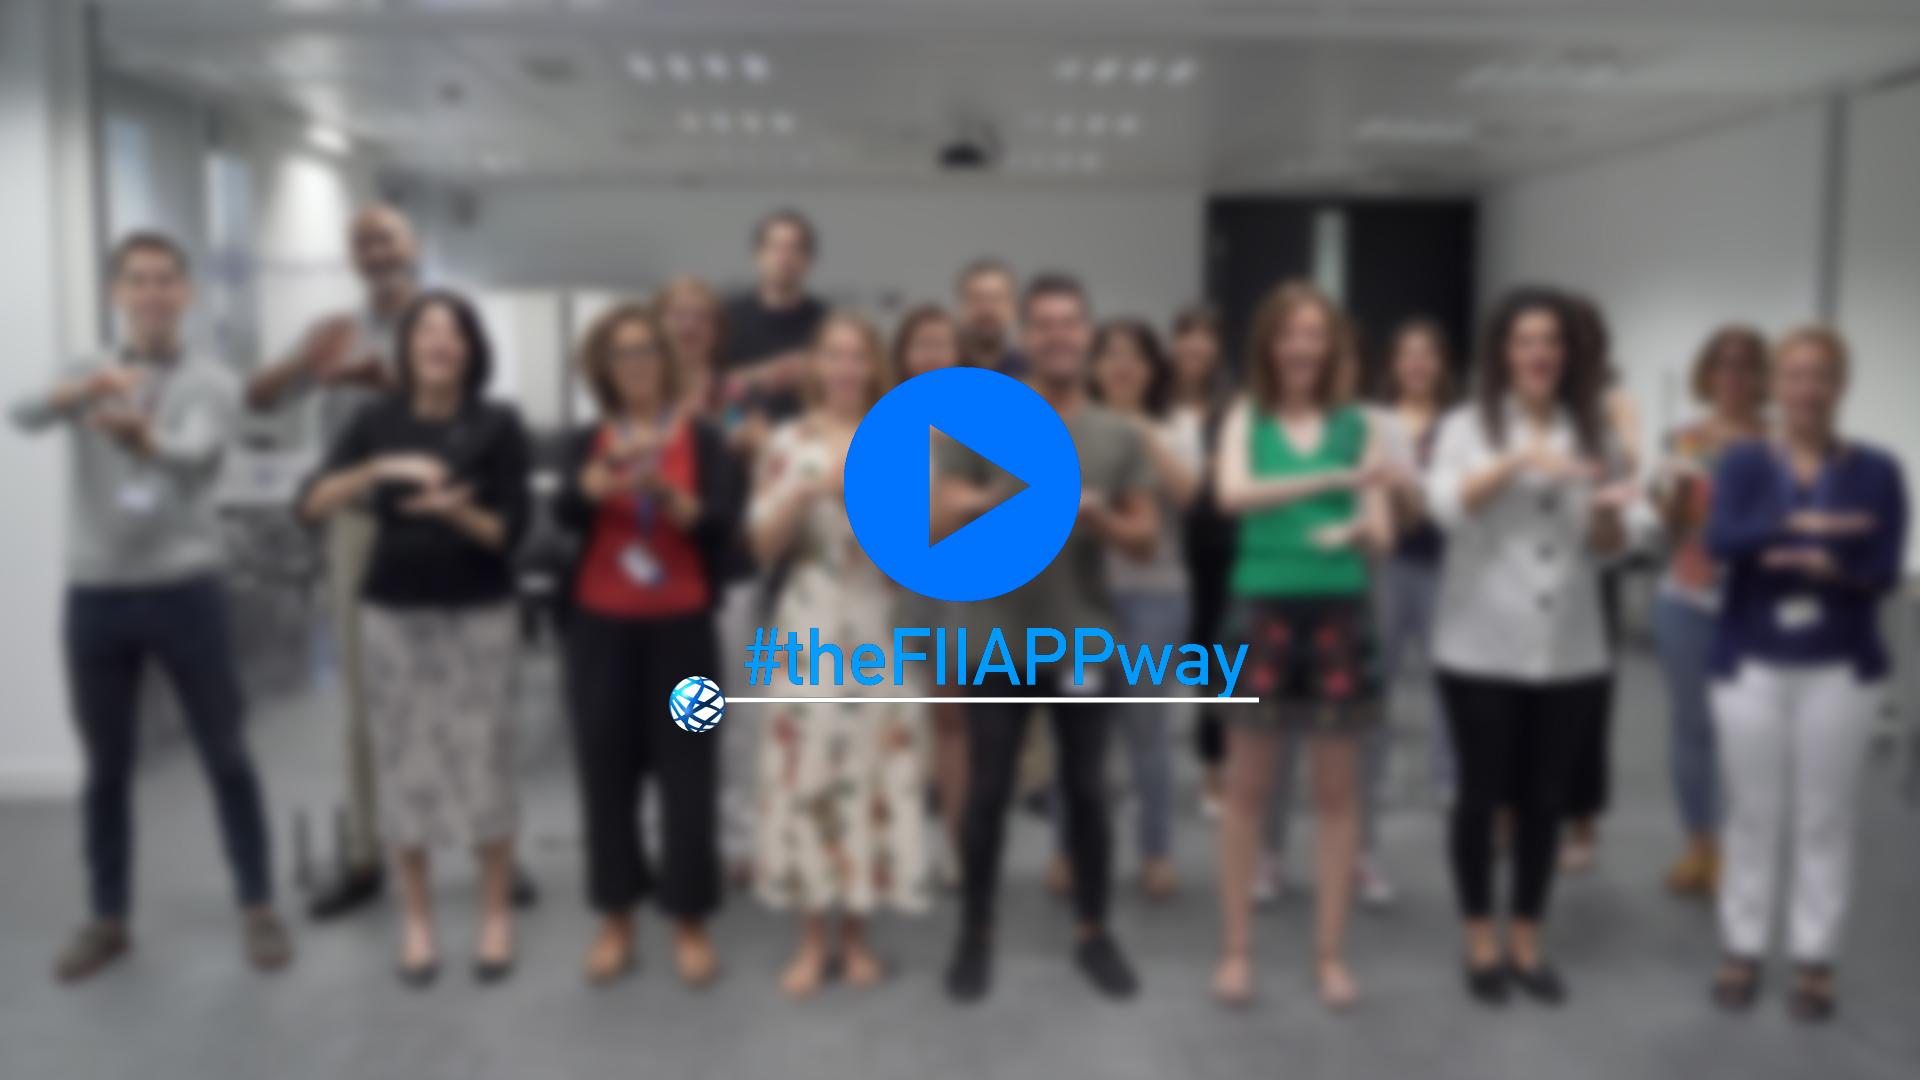 #TheFIIAPPway: Día Internacional de la Lengua de Señas